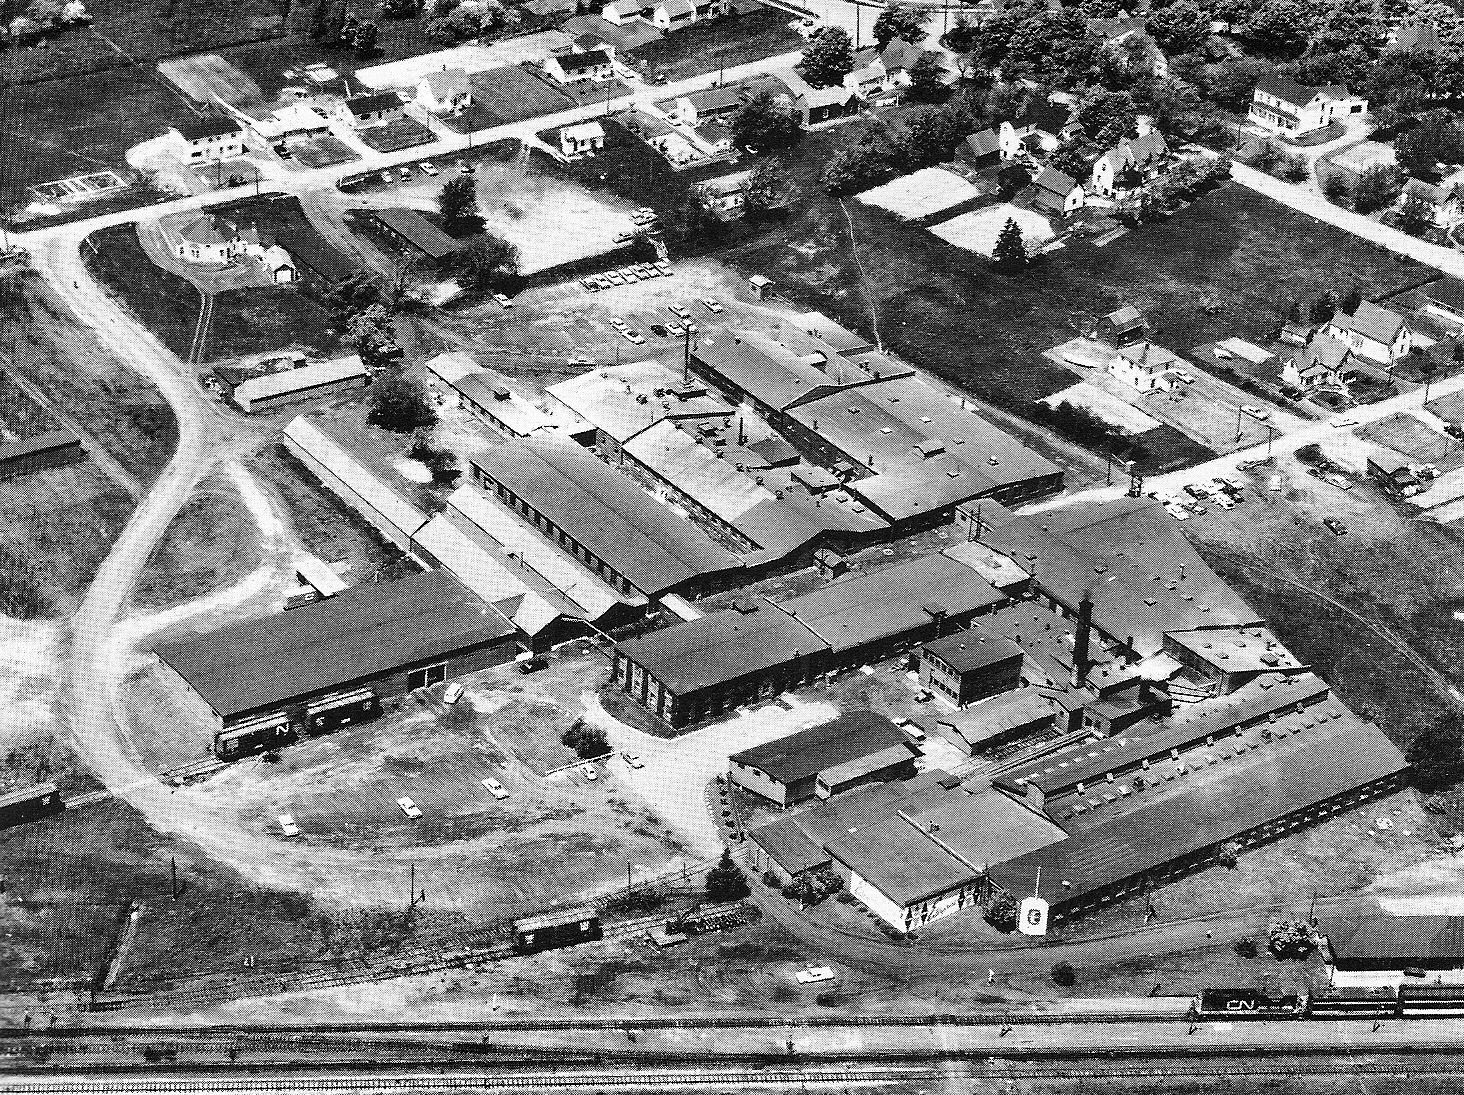 Aerial view of the Enterprise Foundry, Sackville, NB, circa 1965